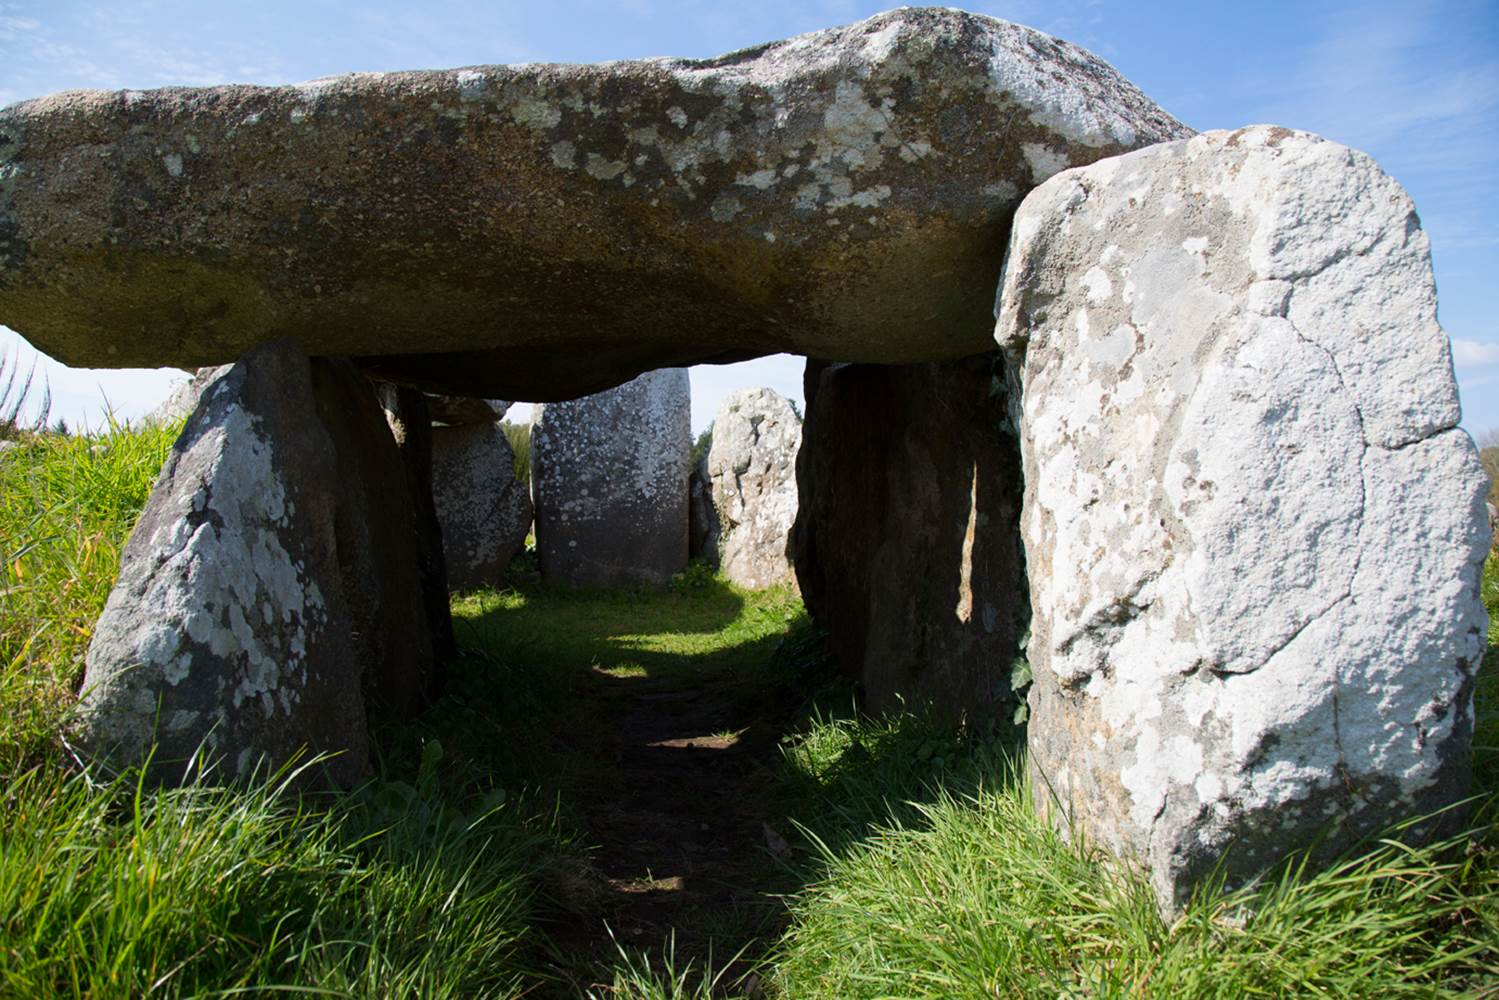 Vue-dolmen-Petit-train-touristique-Carnac-Morbihan-Bretagne-Sud © Le Bayon